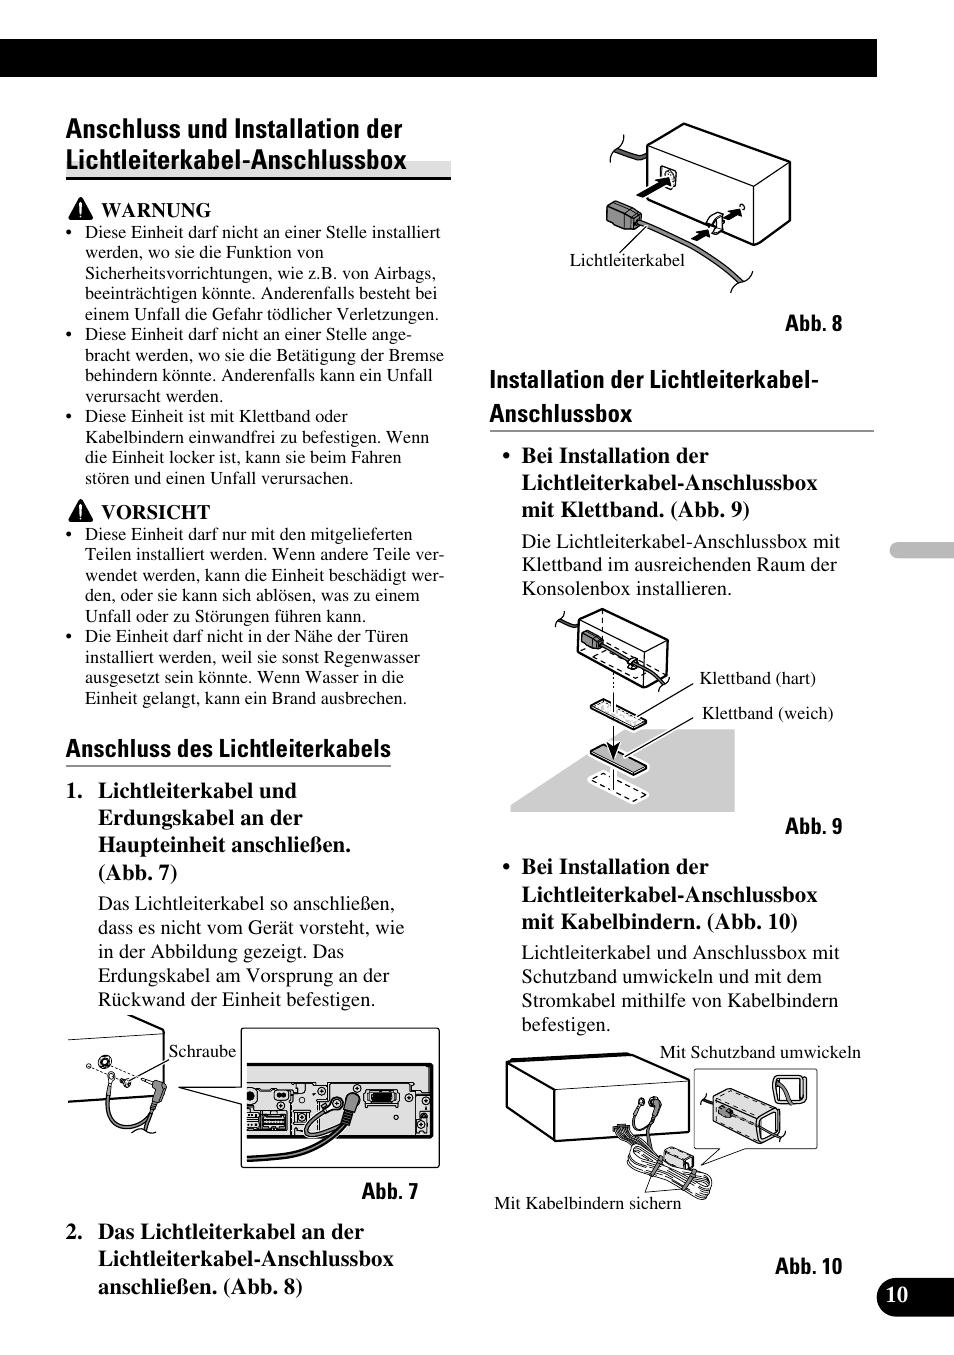 Anschluss Und Installation Der Lichtleiterkabel Anschlussbox Pioneer Avh P5700dvd Manual Des Lichtleiterkabels User Page 39 86